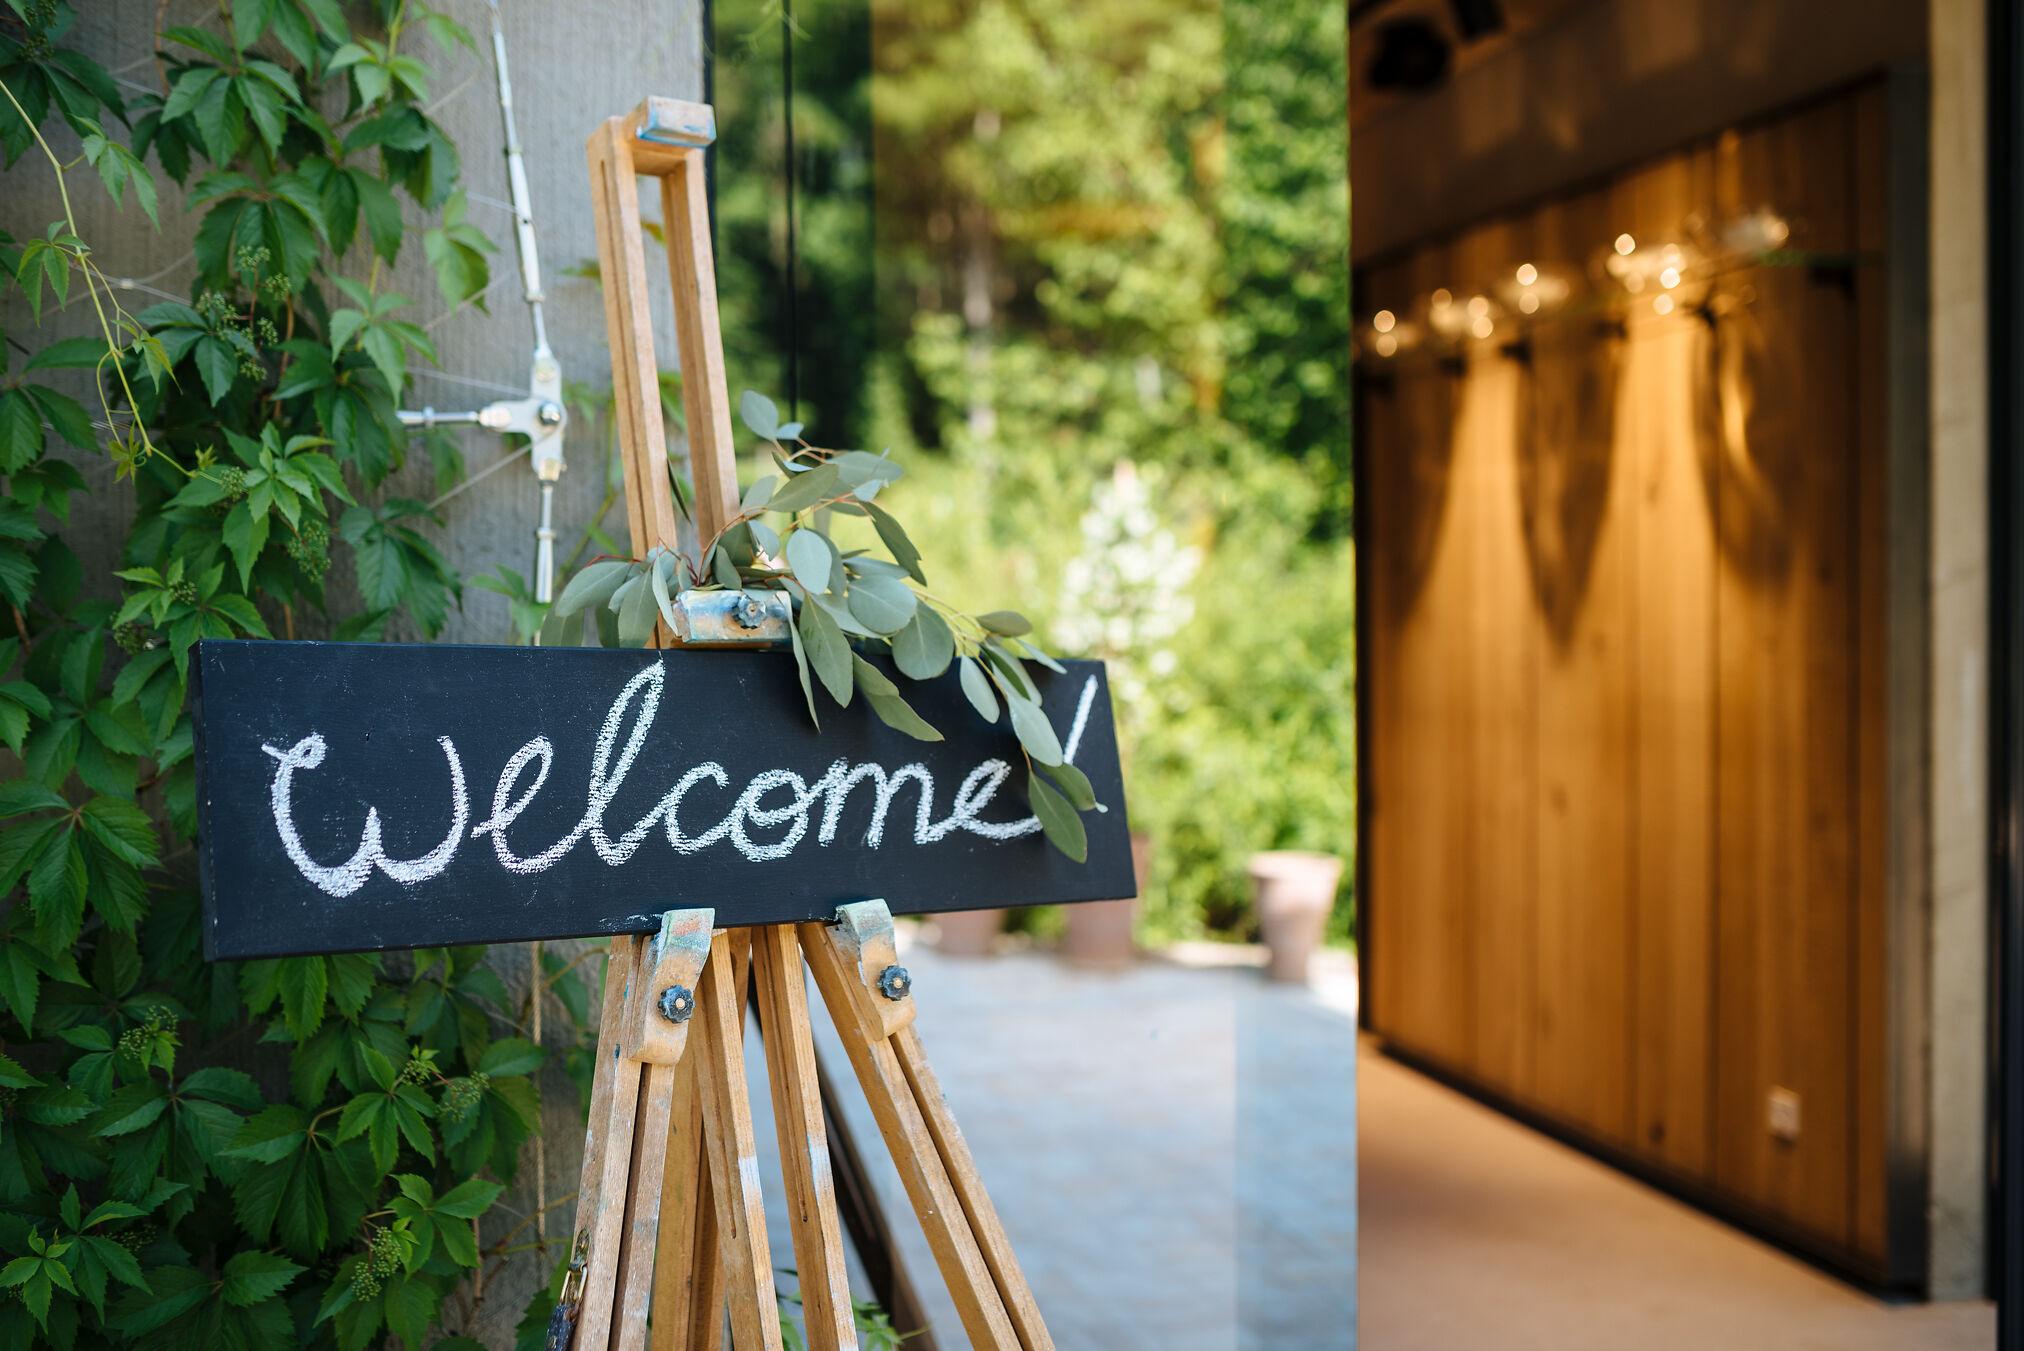 Hochzeit-Garten-Denoti-2.jpg